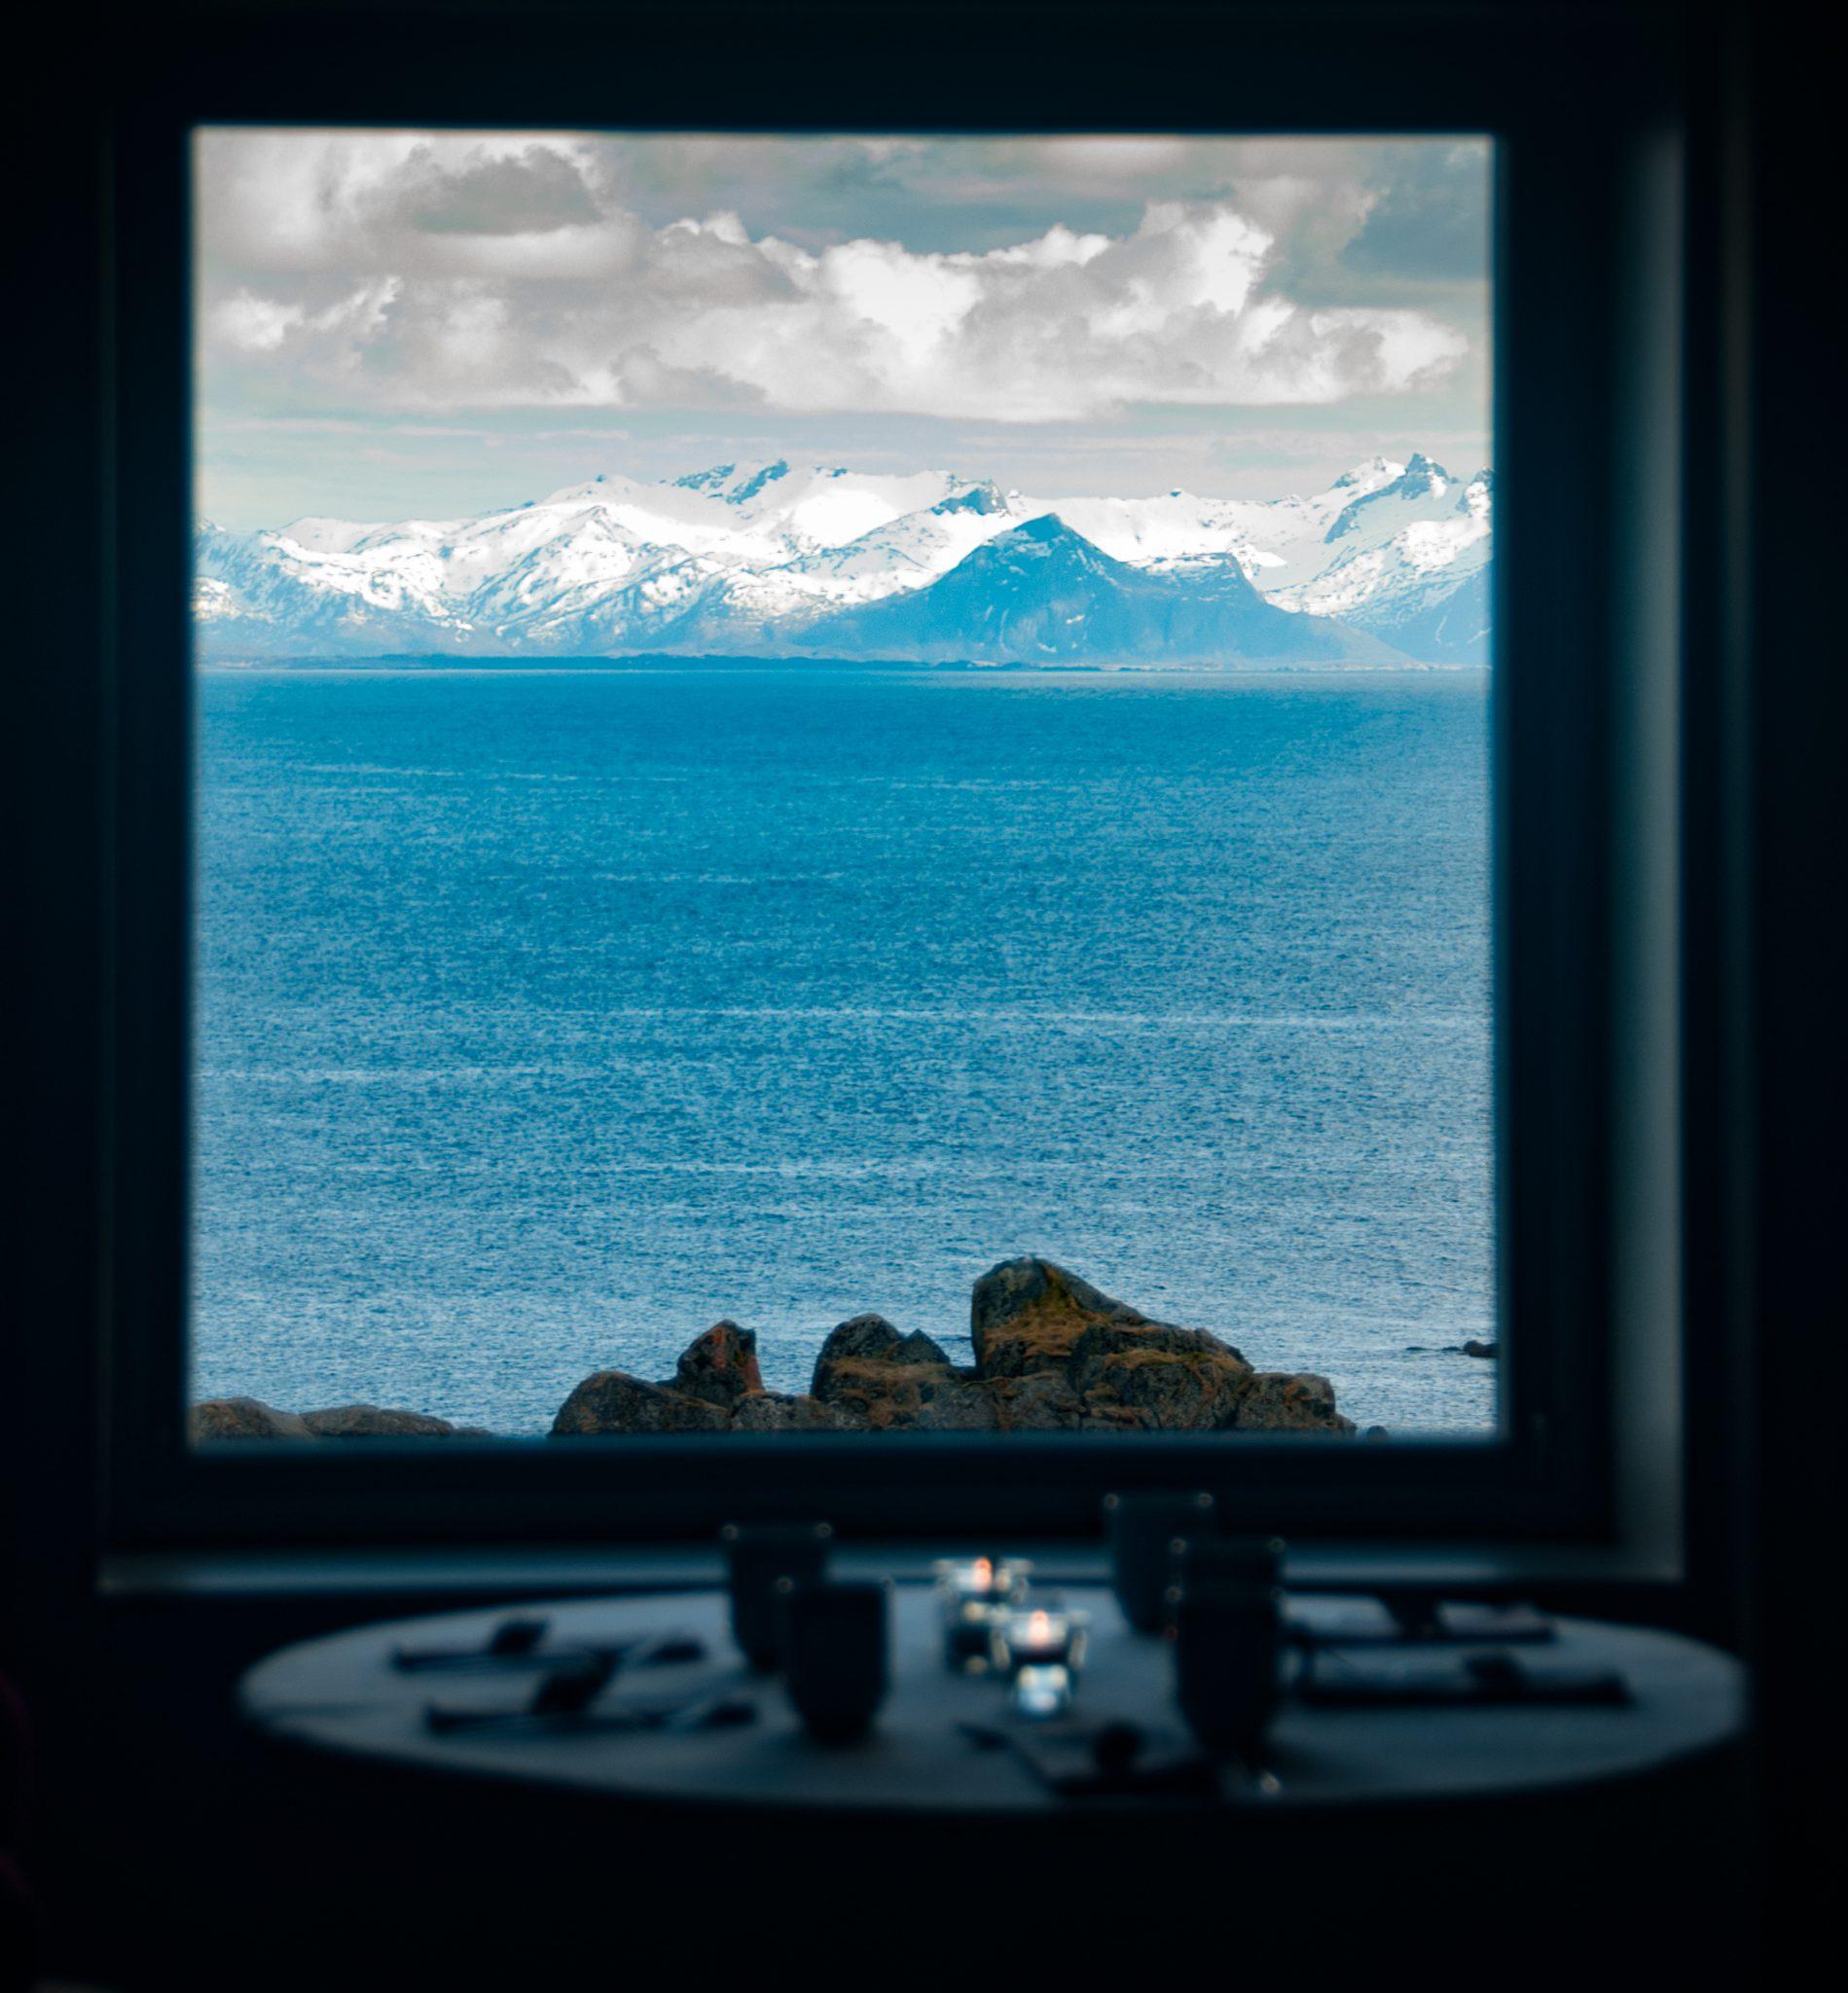 Viața la granița cu Groenlanda